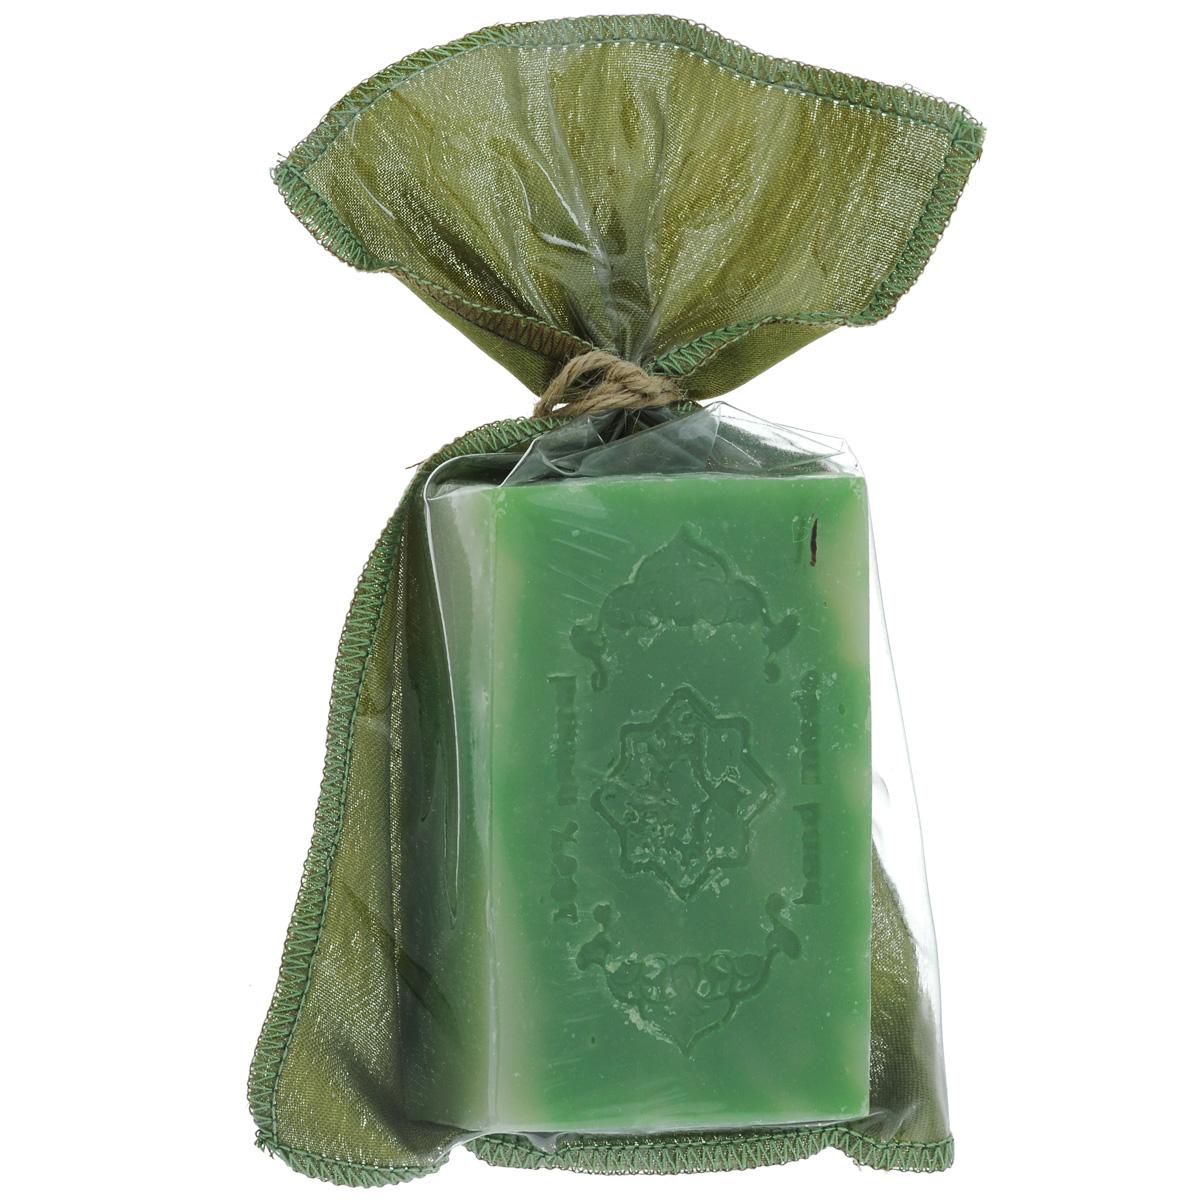 Зейтун Мыло Экстра №3 Зелёный мрамор, 150 гMP59.4DОтличное увлажняющее универсальное натуральное мыло для всех типов кожи. Отличается очень богатым составом ценных масел: маковое масло делает кожу мягкой, насыщает её влагой и стимулирует процессы регенерации; абрикосовое масло тонизирует кожу, делает её более упругой, придавая здоровый цвет и блеск.